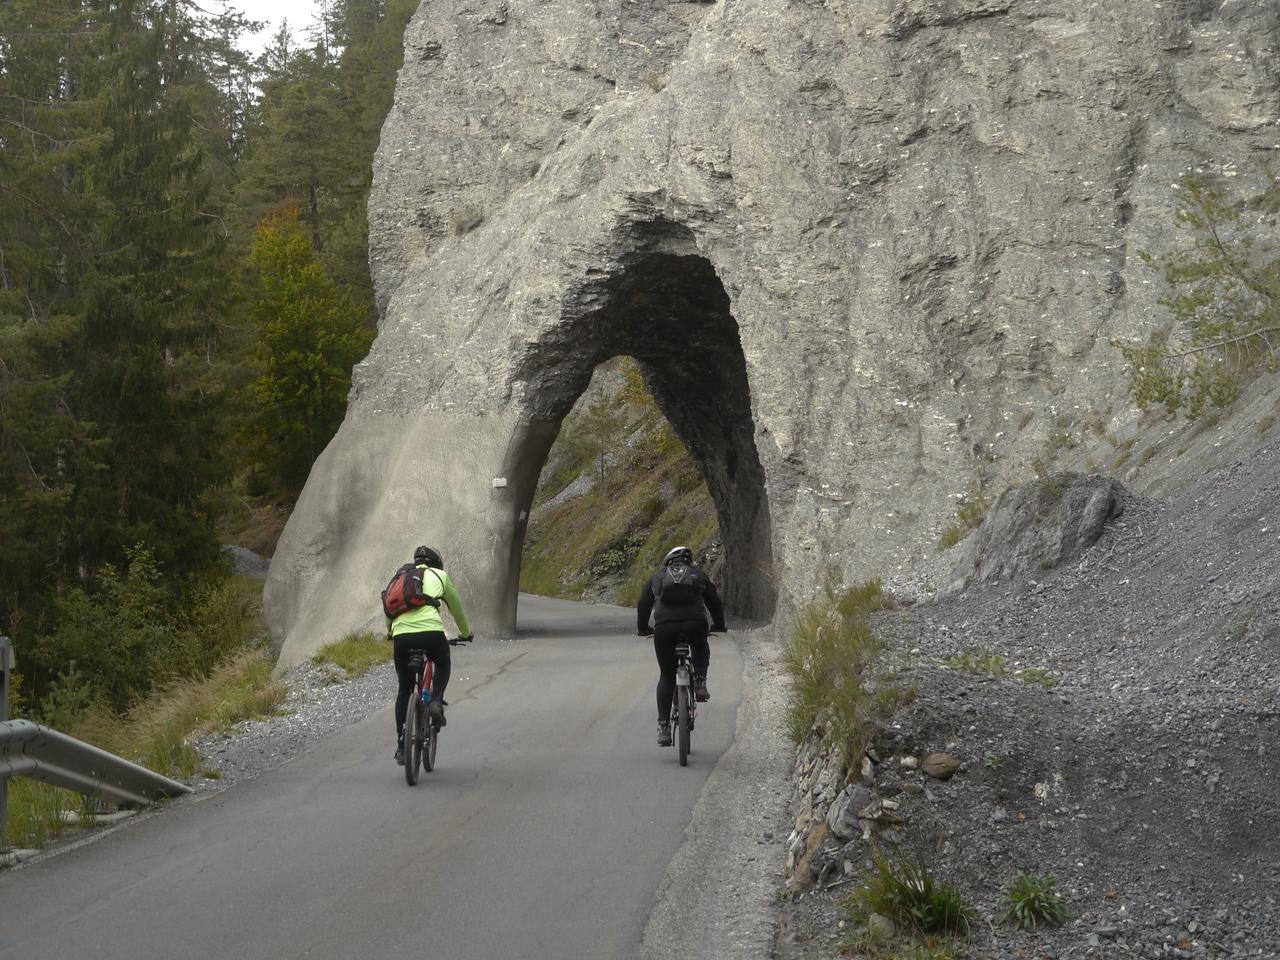 @RobAng 2013 / Versam, Versam, Kanton Graubünden, CHE, Schweiz, 789 m ü/M, 2013/10/03 16:08:04